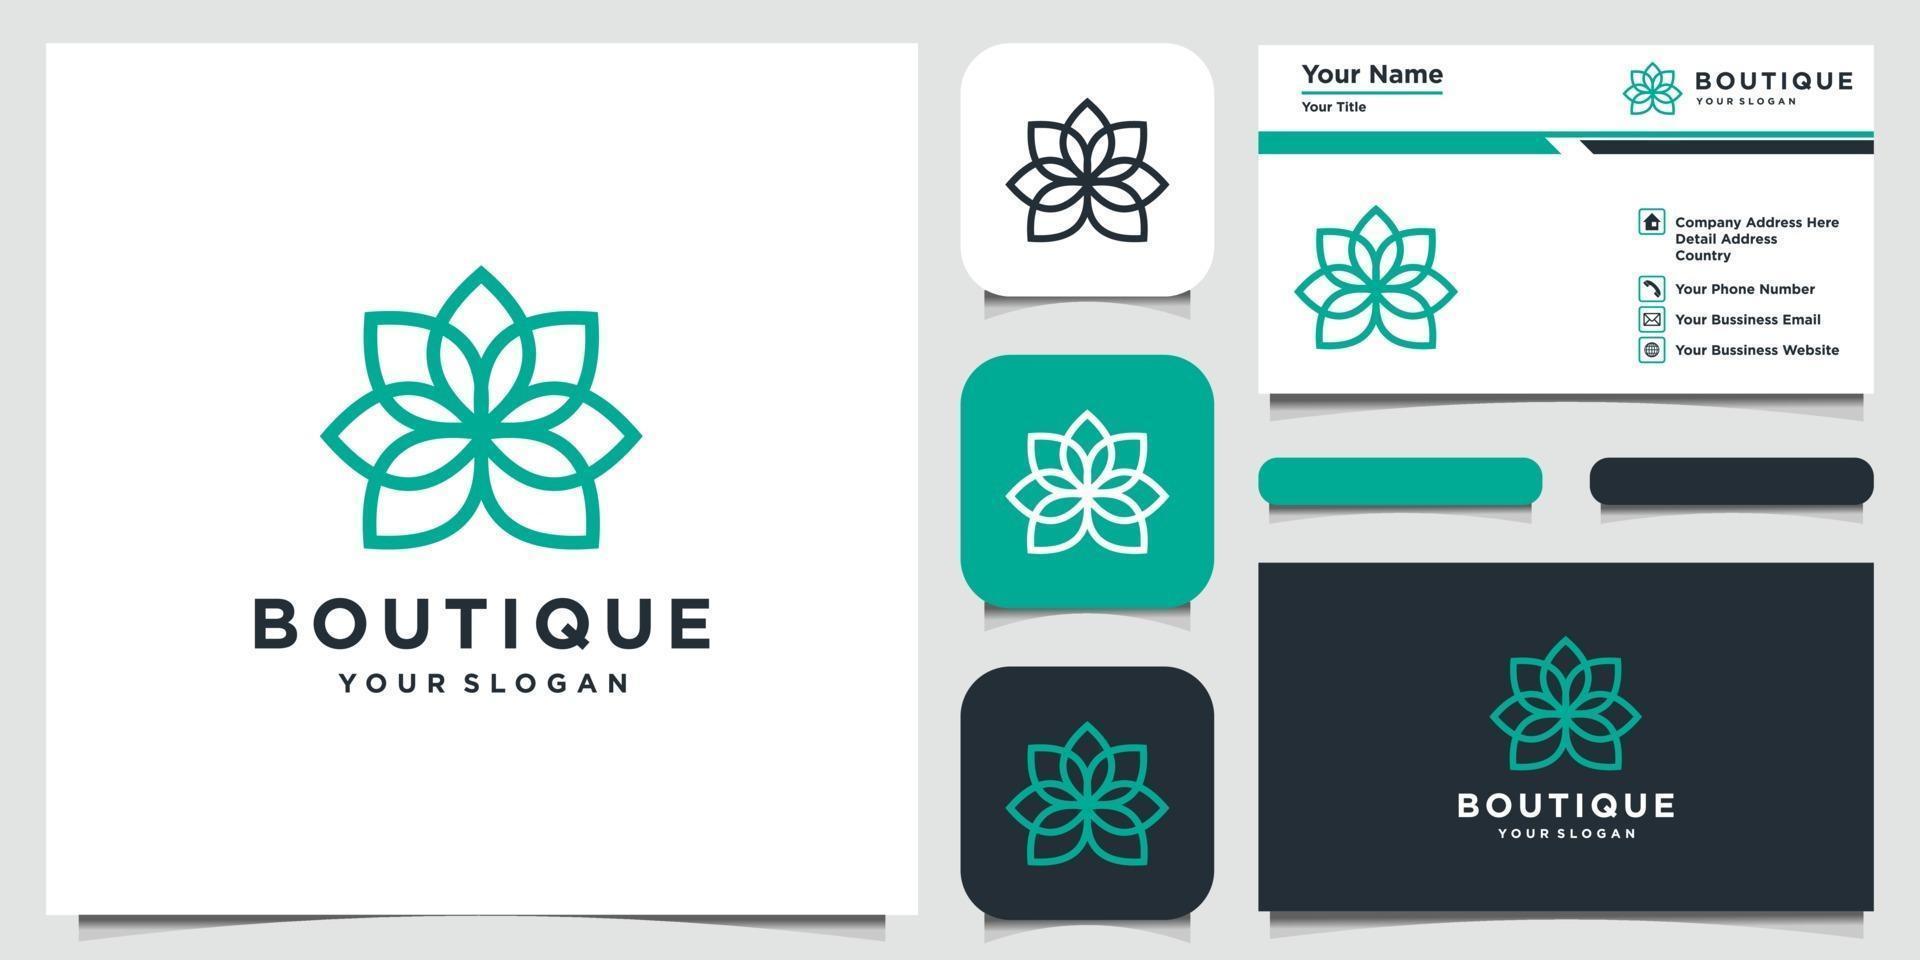 abstracte bloem met lijntekeningen stijl logo-ontwerp en visitekaartje vector